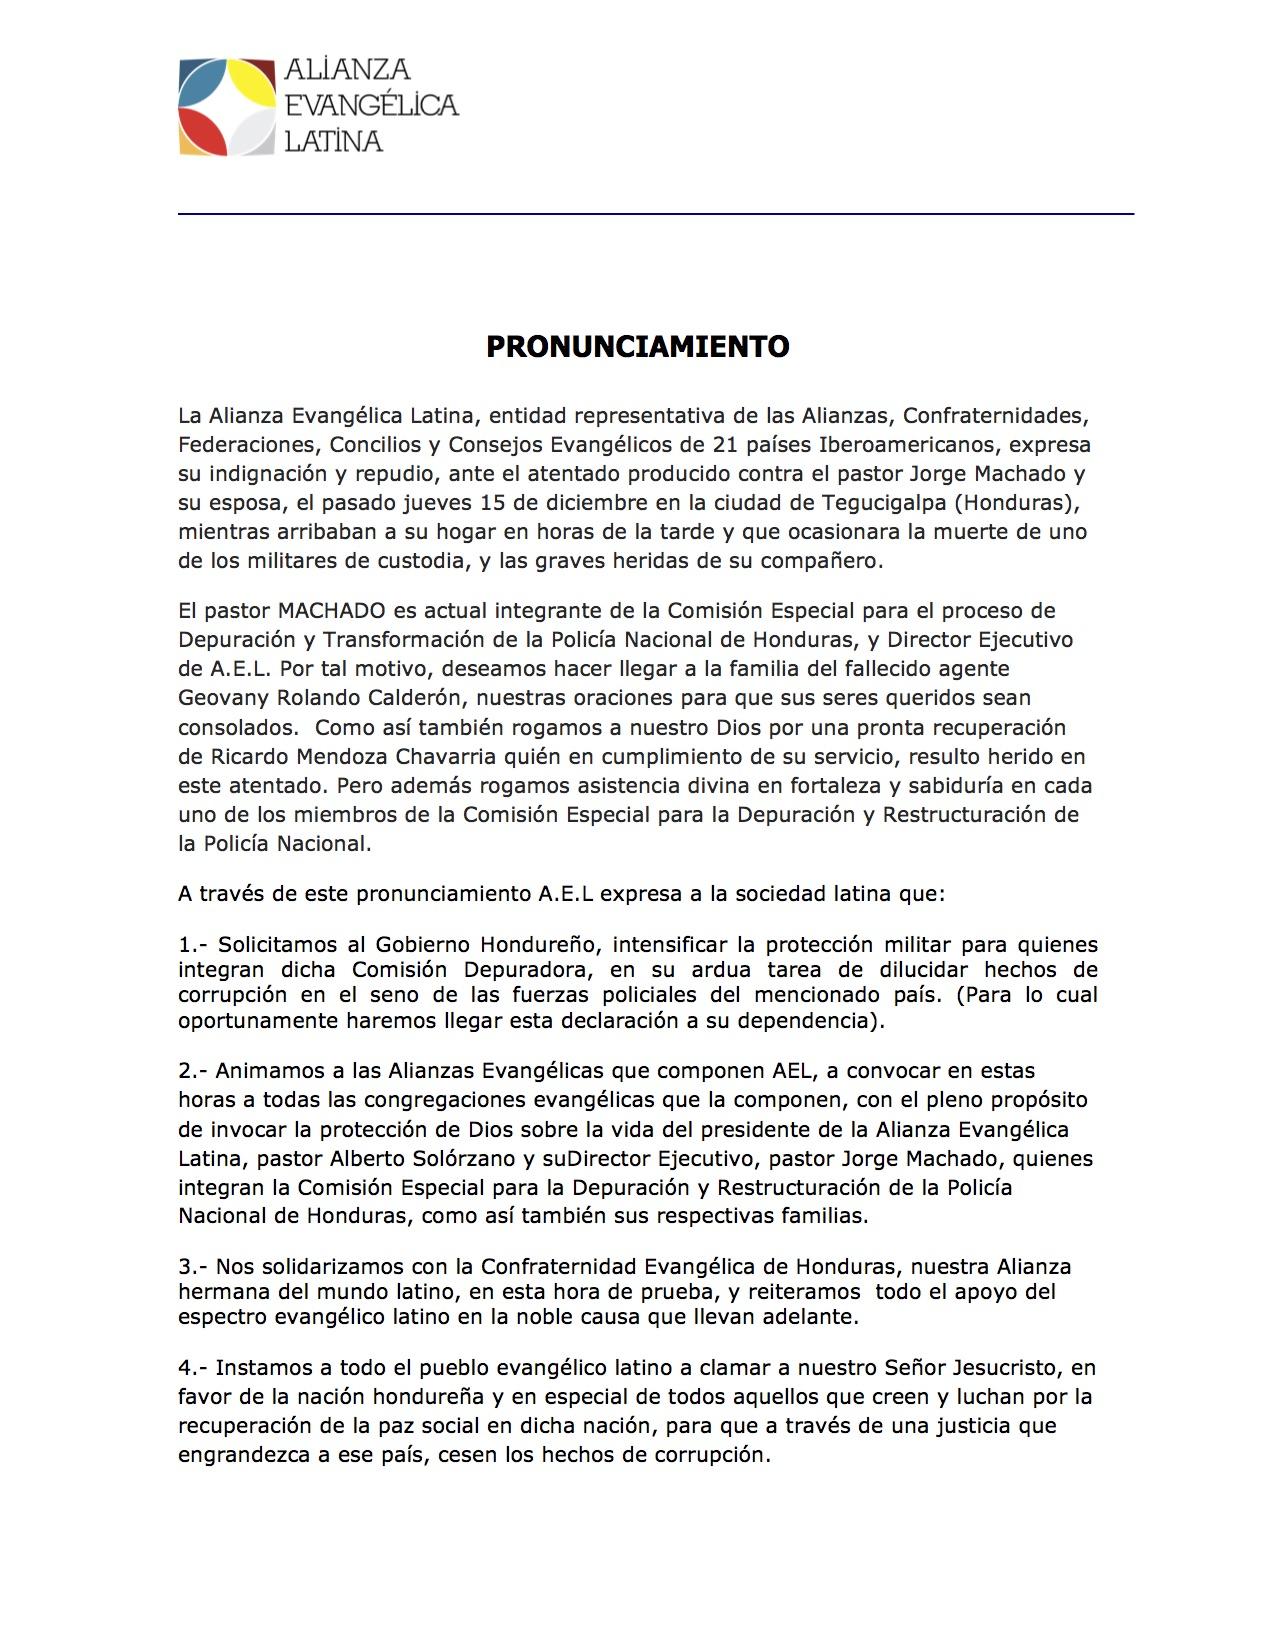 AEL COMUNICADO POR ATENTADO EN HONDURAS ACIERA